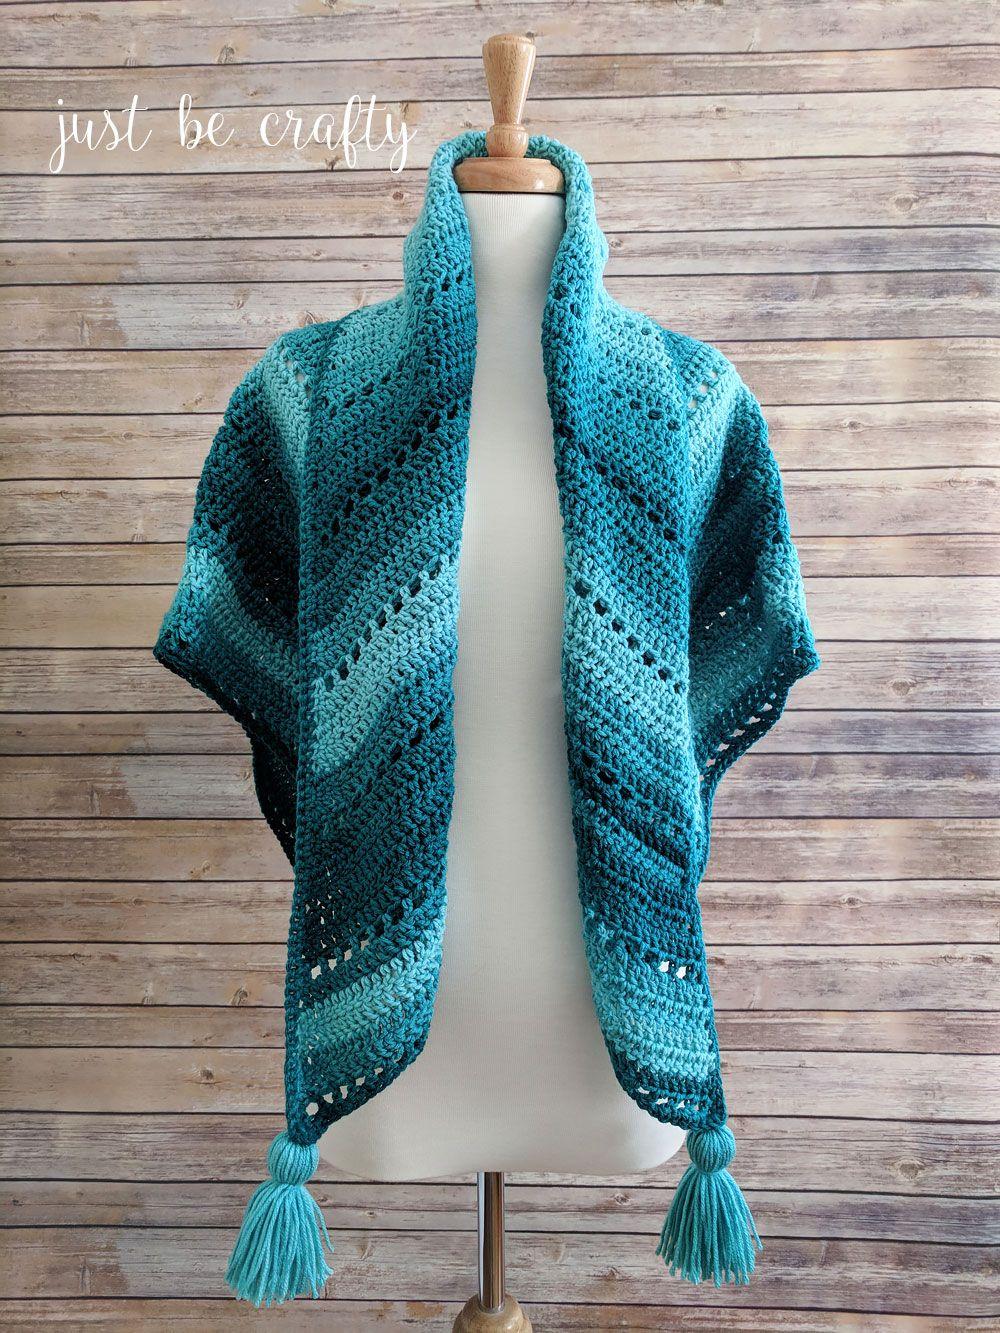 Crochet Triangle Shawl Pattern - Free Crochet Pattern by